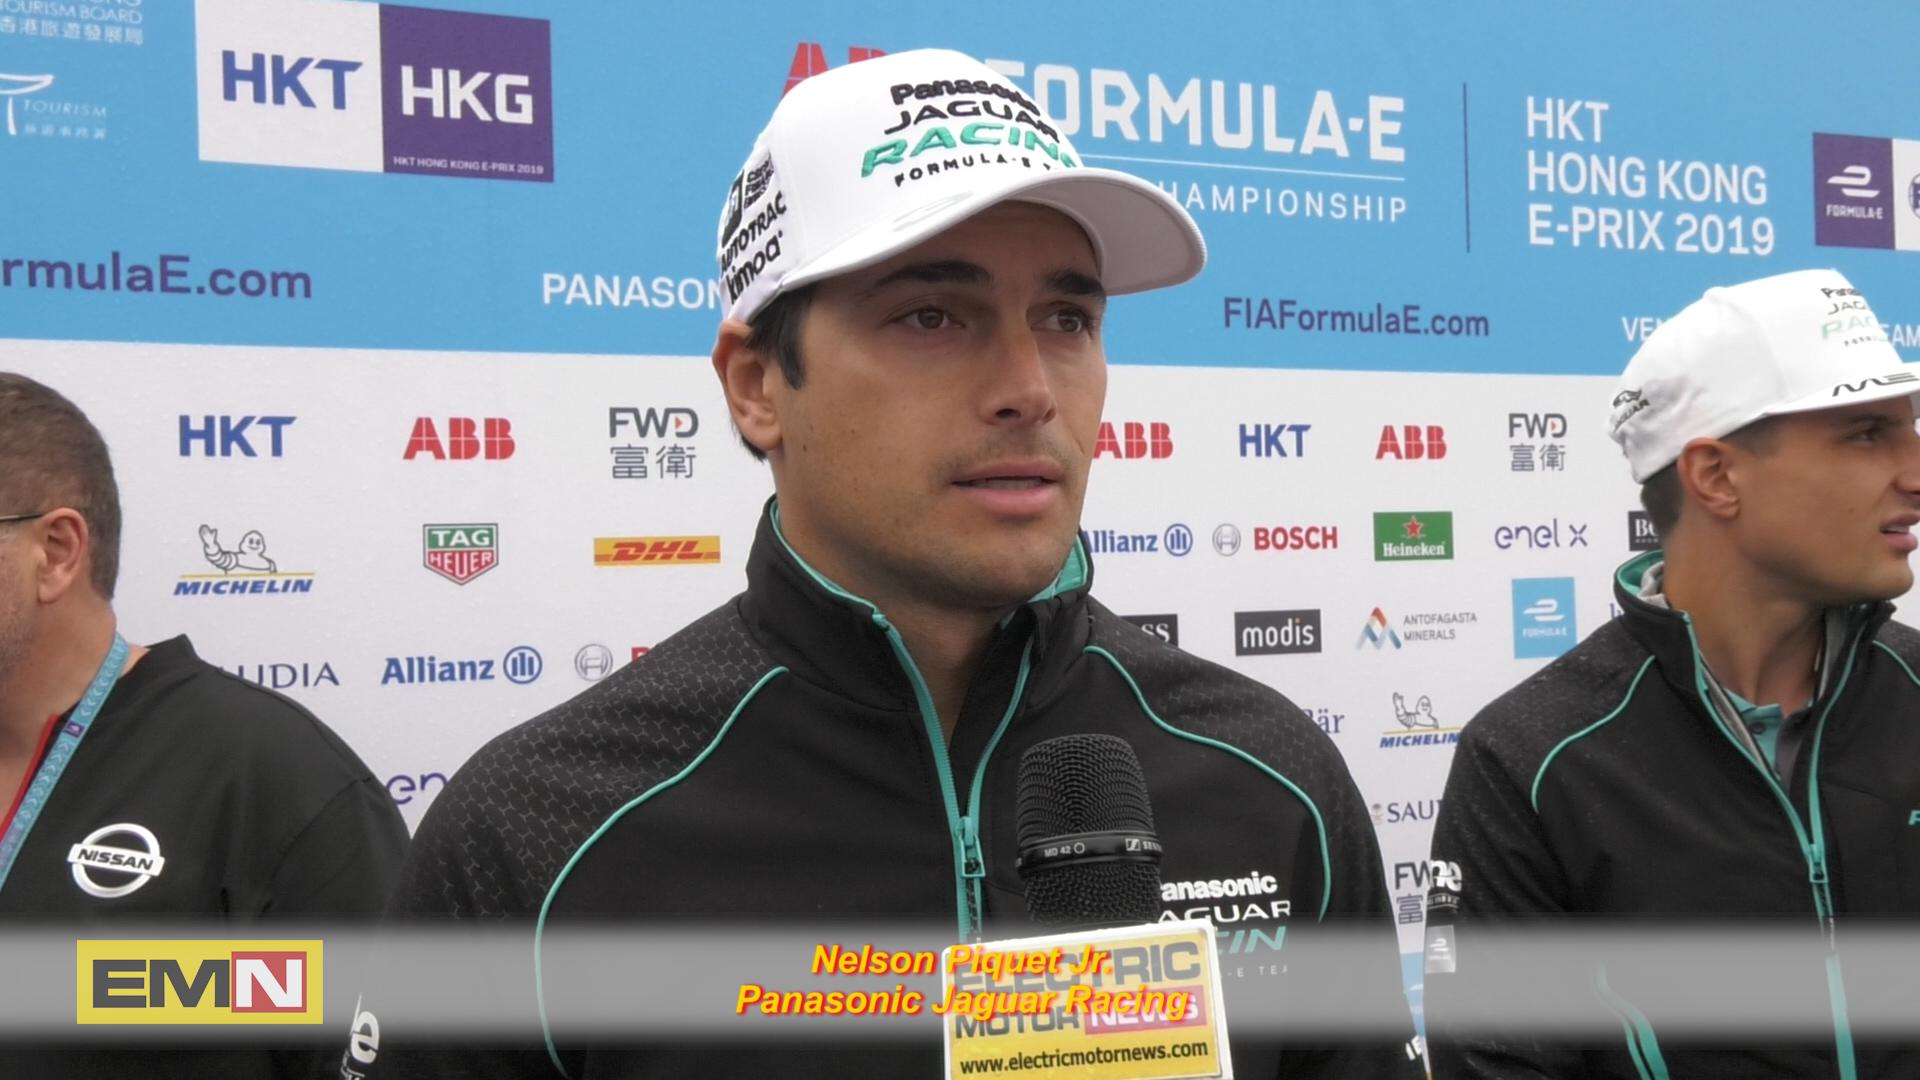 7 Nelson Piquet Jr